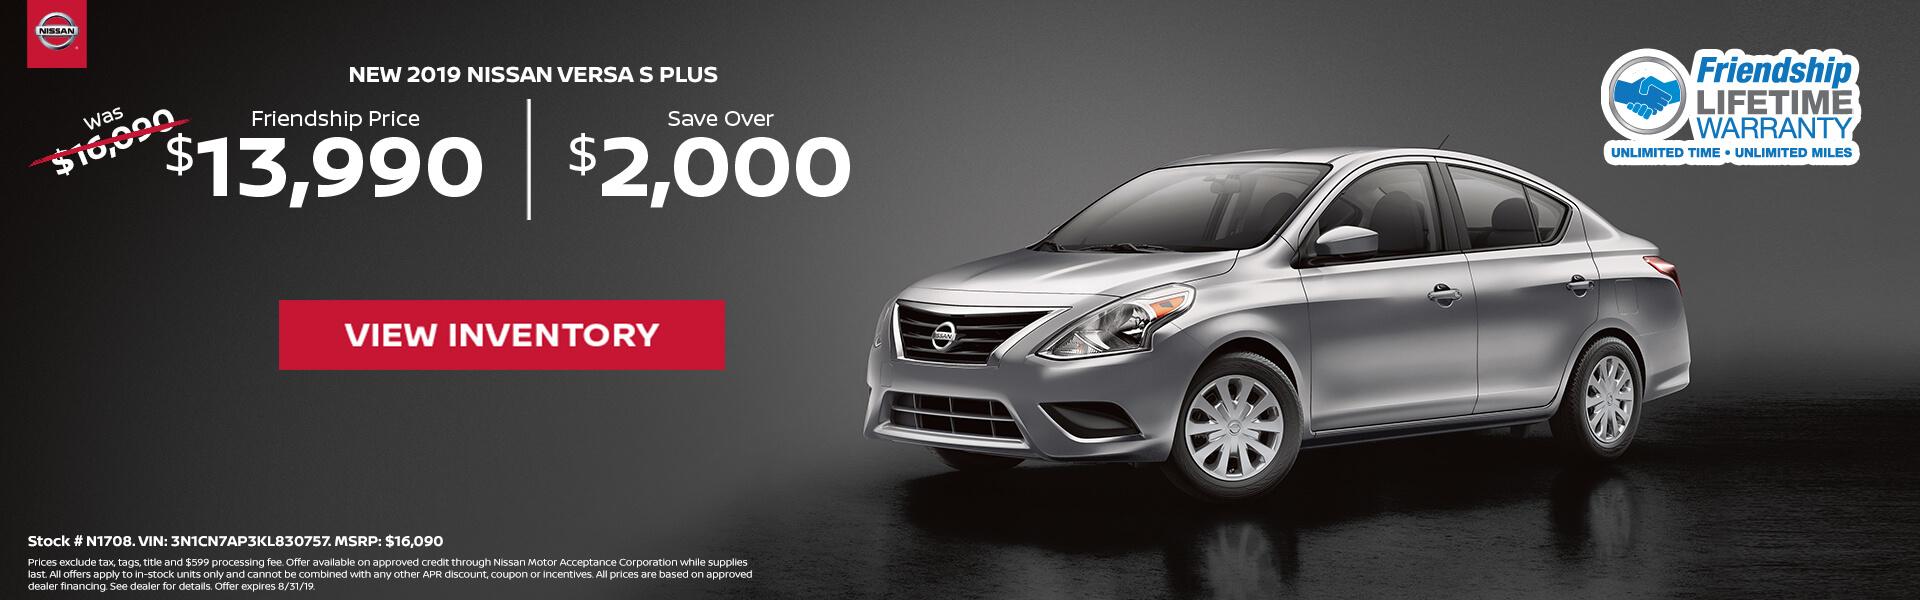 Nissan Versa $13,990 Purchase